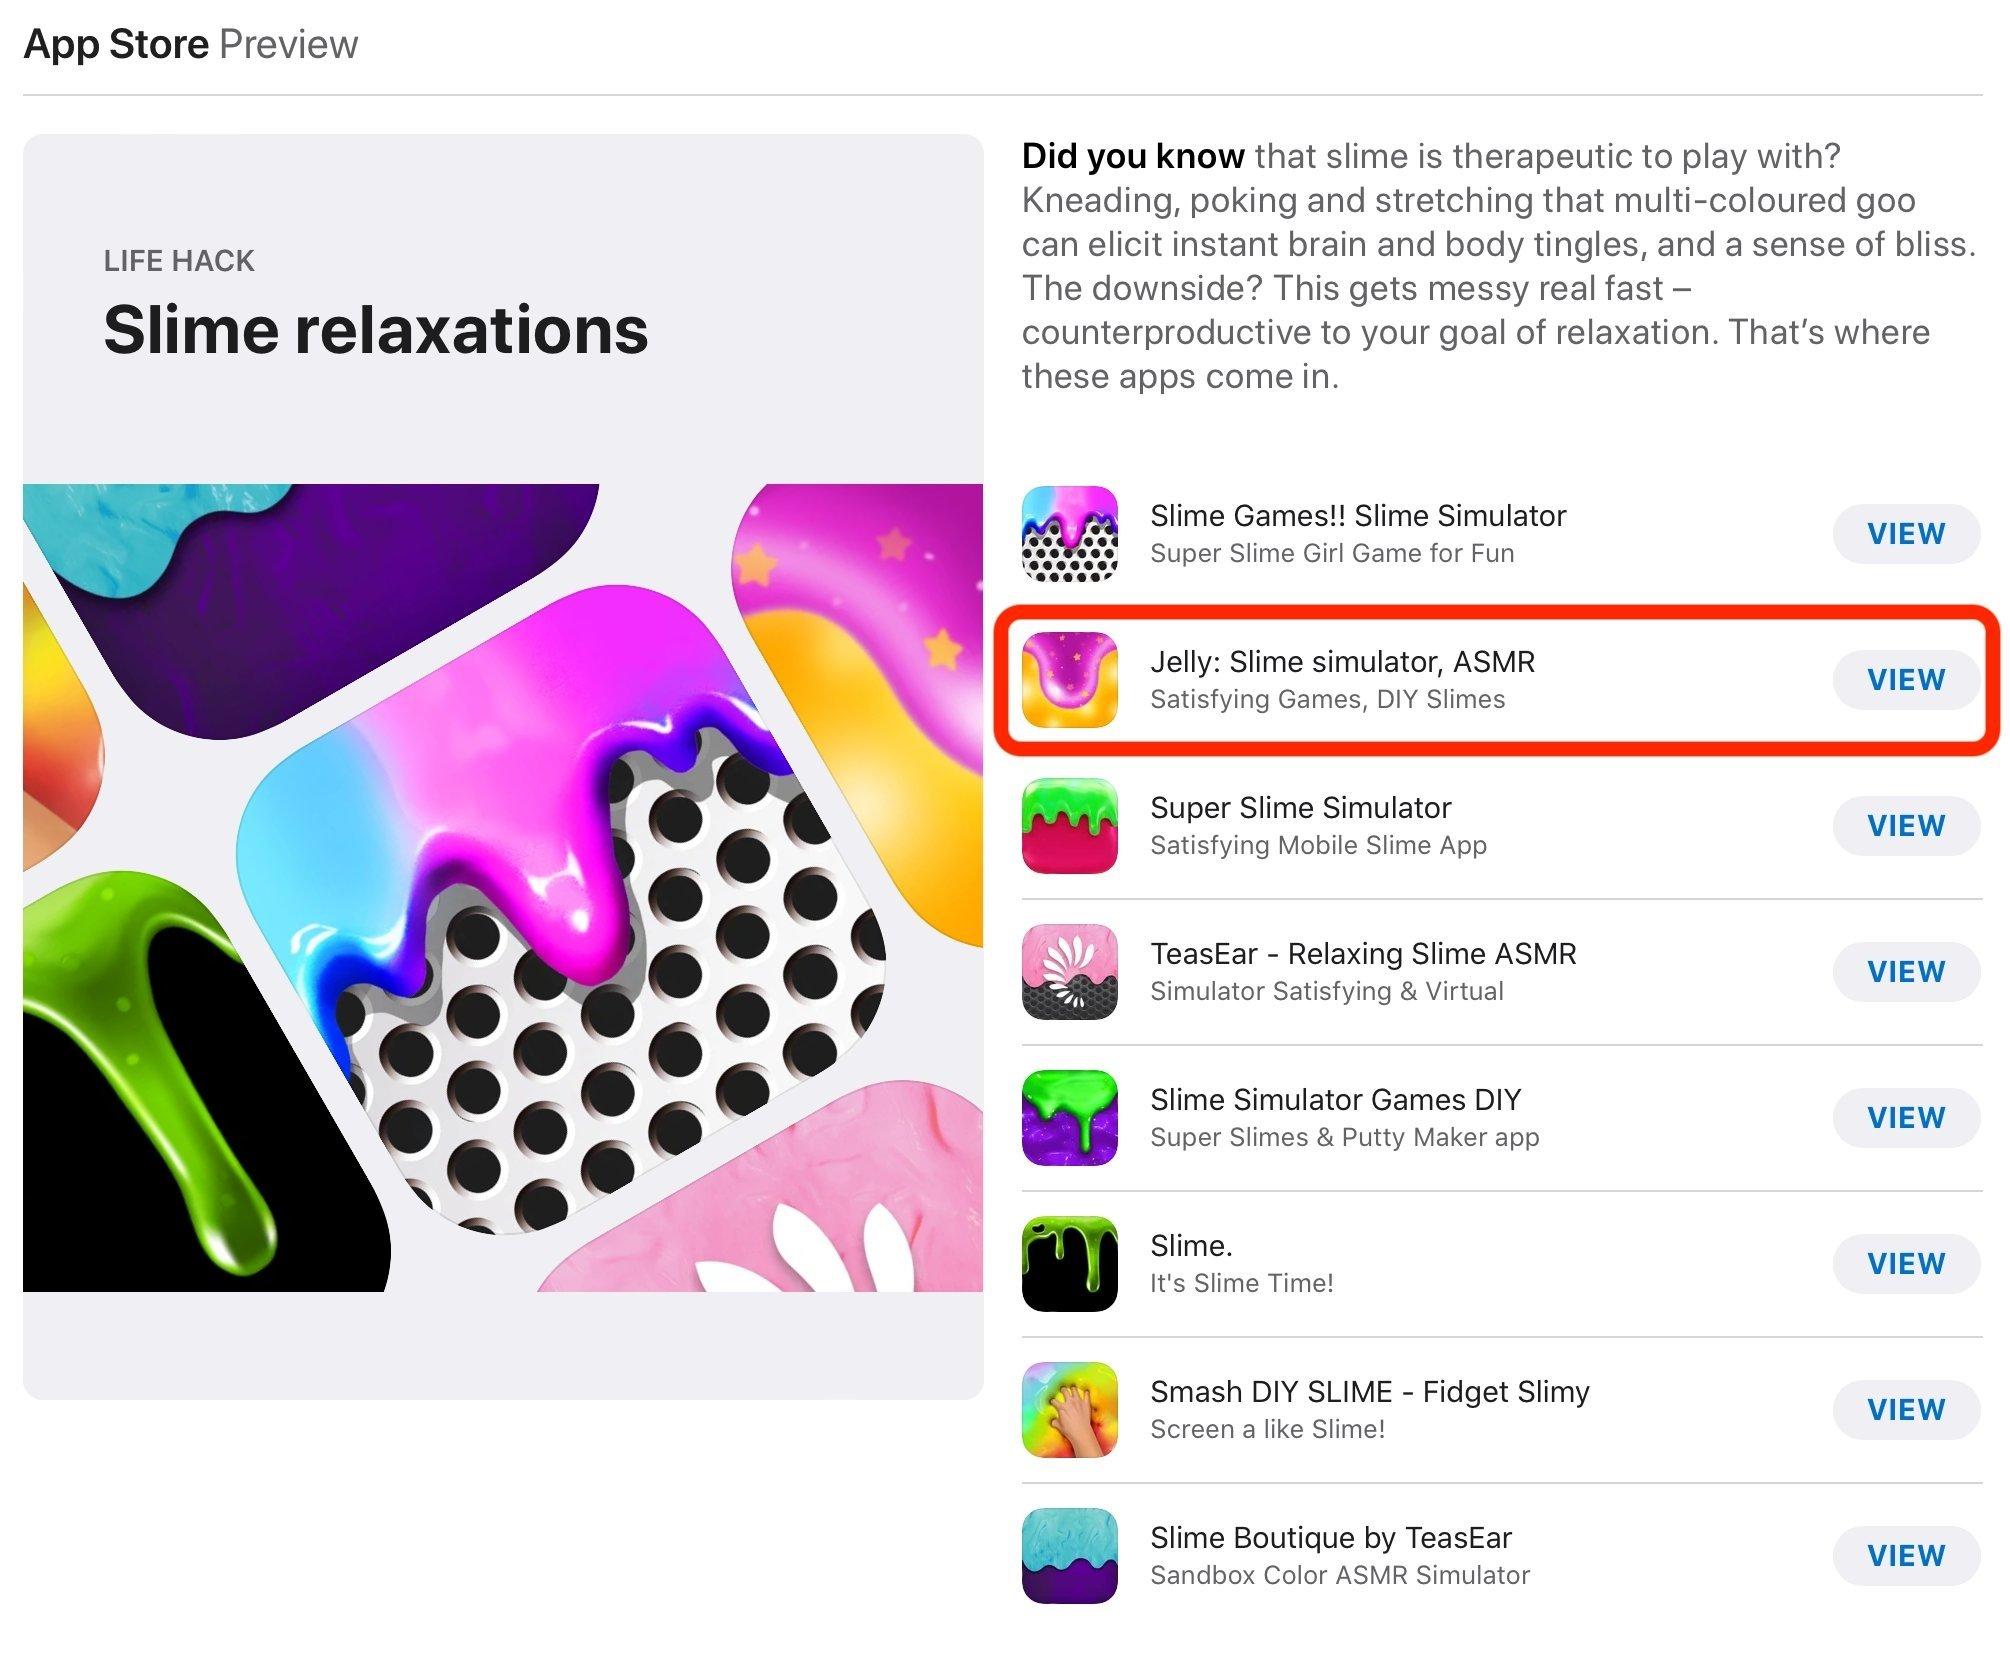 app enganadora na publicidade da app store